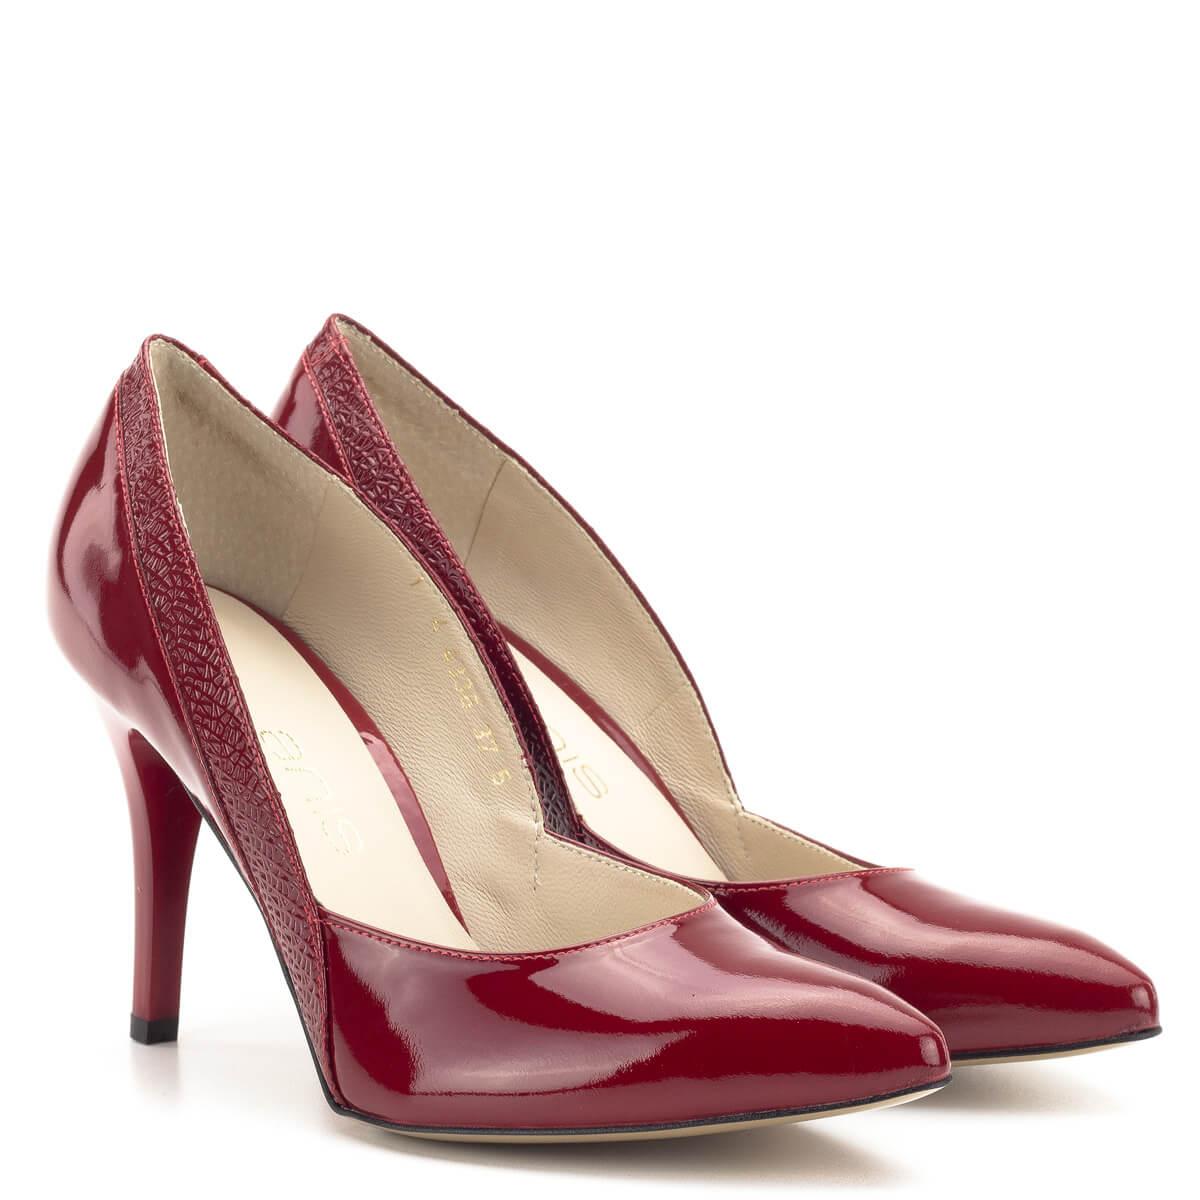 Anis alkalmi cipő - Piros lakk magassarkú cipő bőr béléssel ba549aecb7